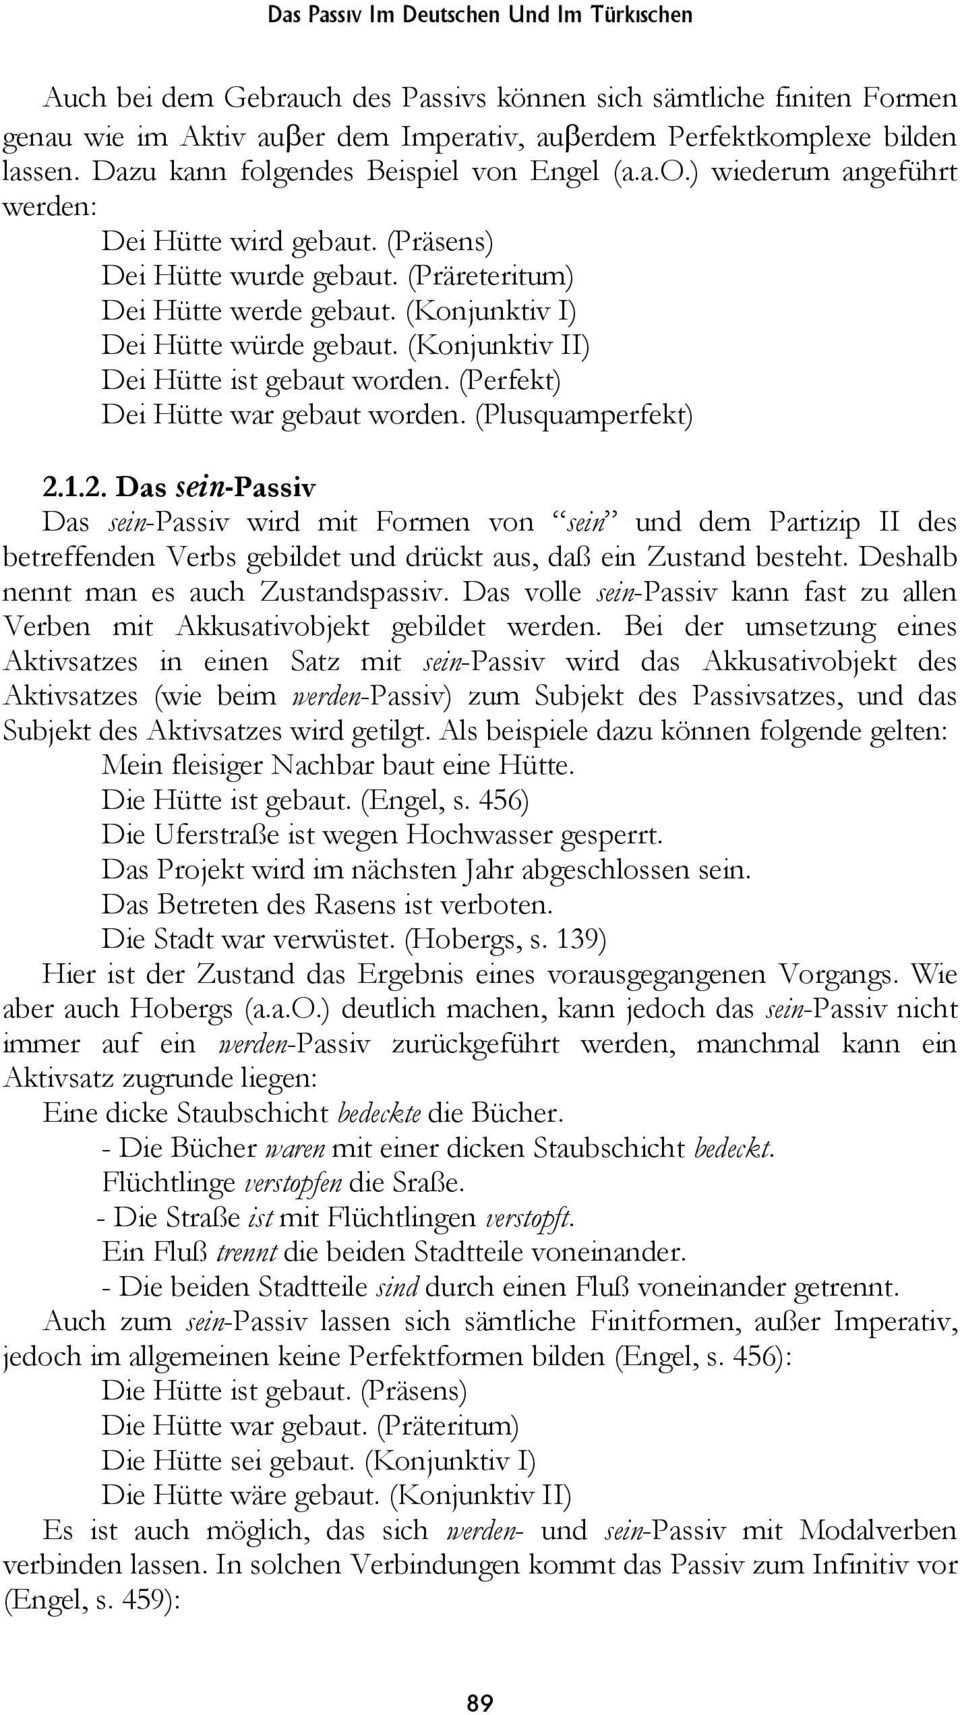 Das Passiv Im Deutschen Und Im Turkischen Pdf Free Download